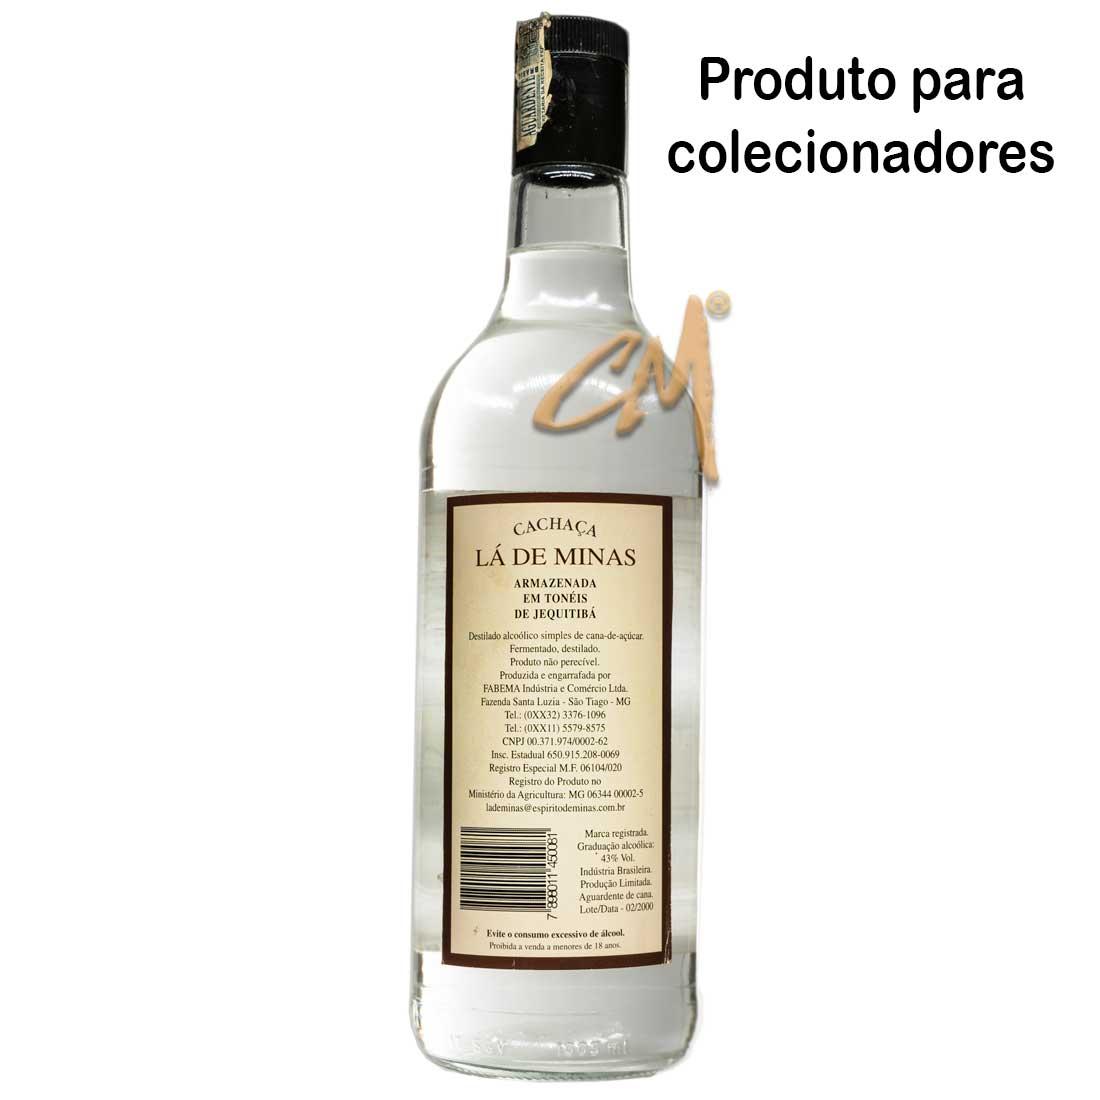 Cachaça Lá de Minas 970 ml (São Tiago - MG)